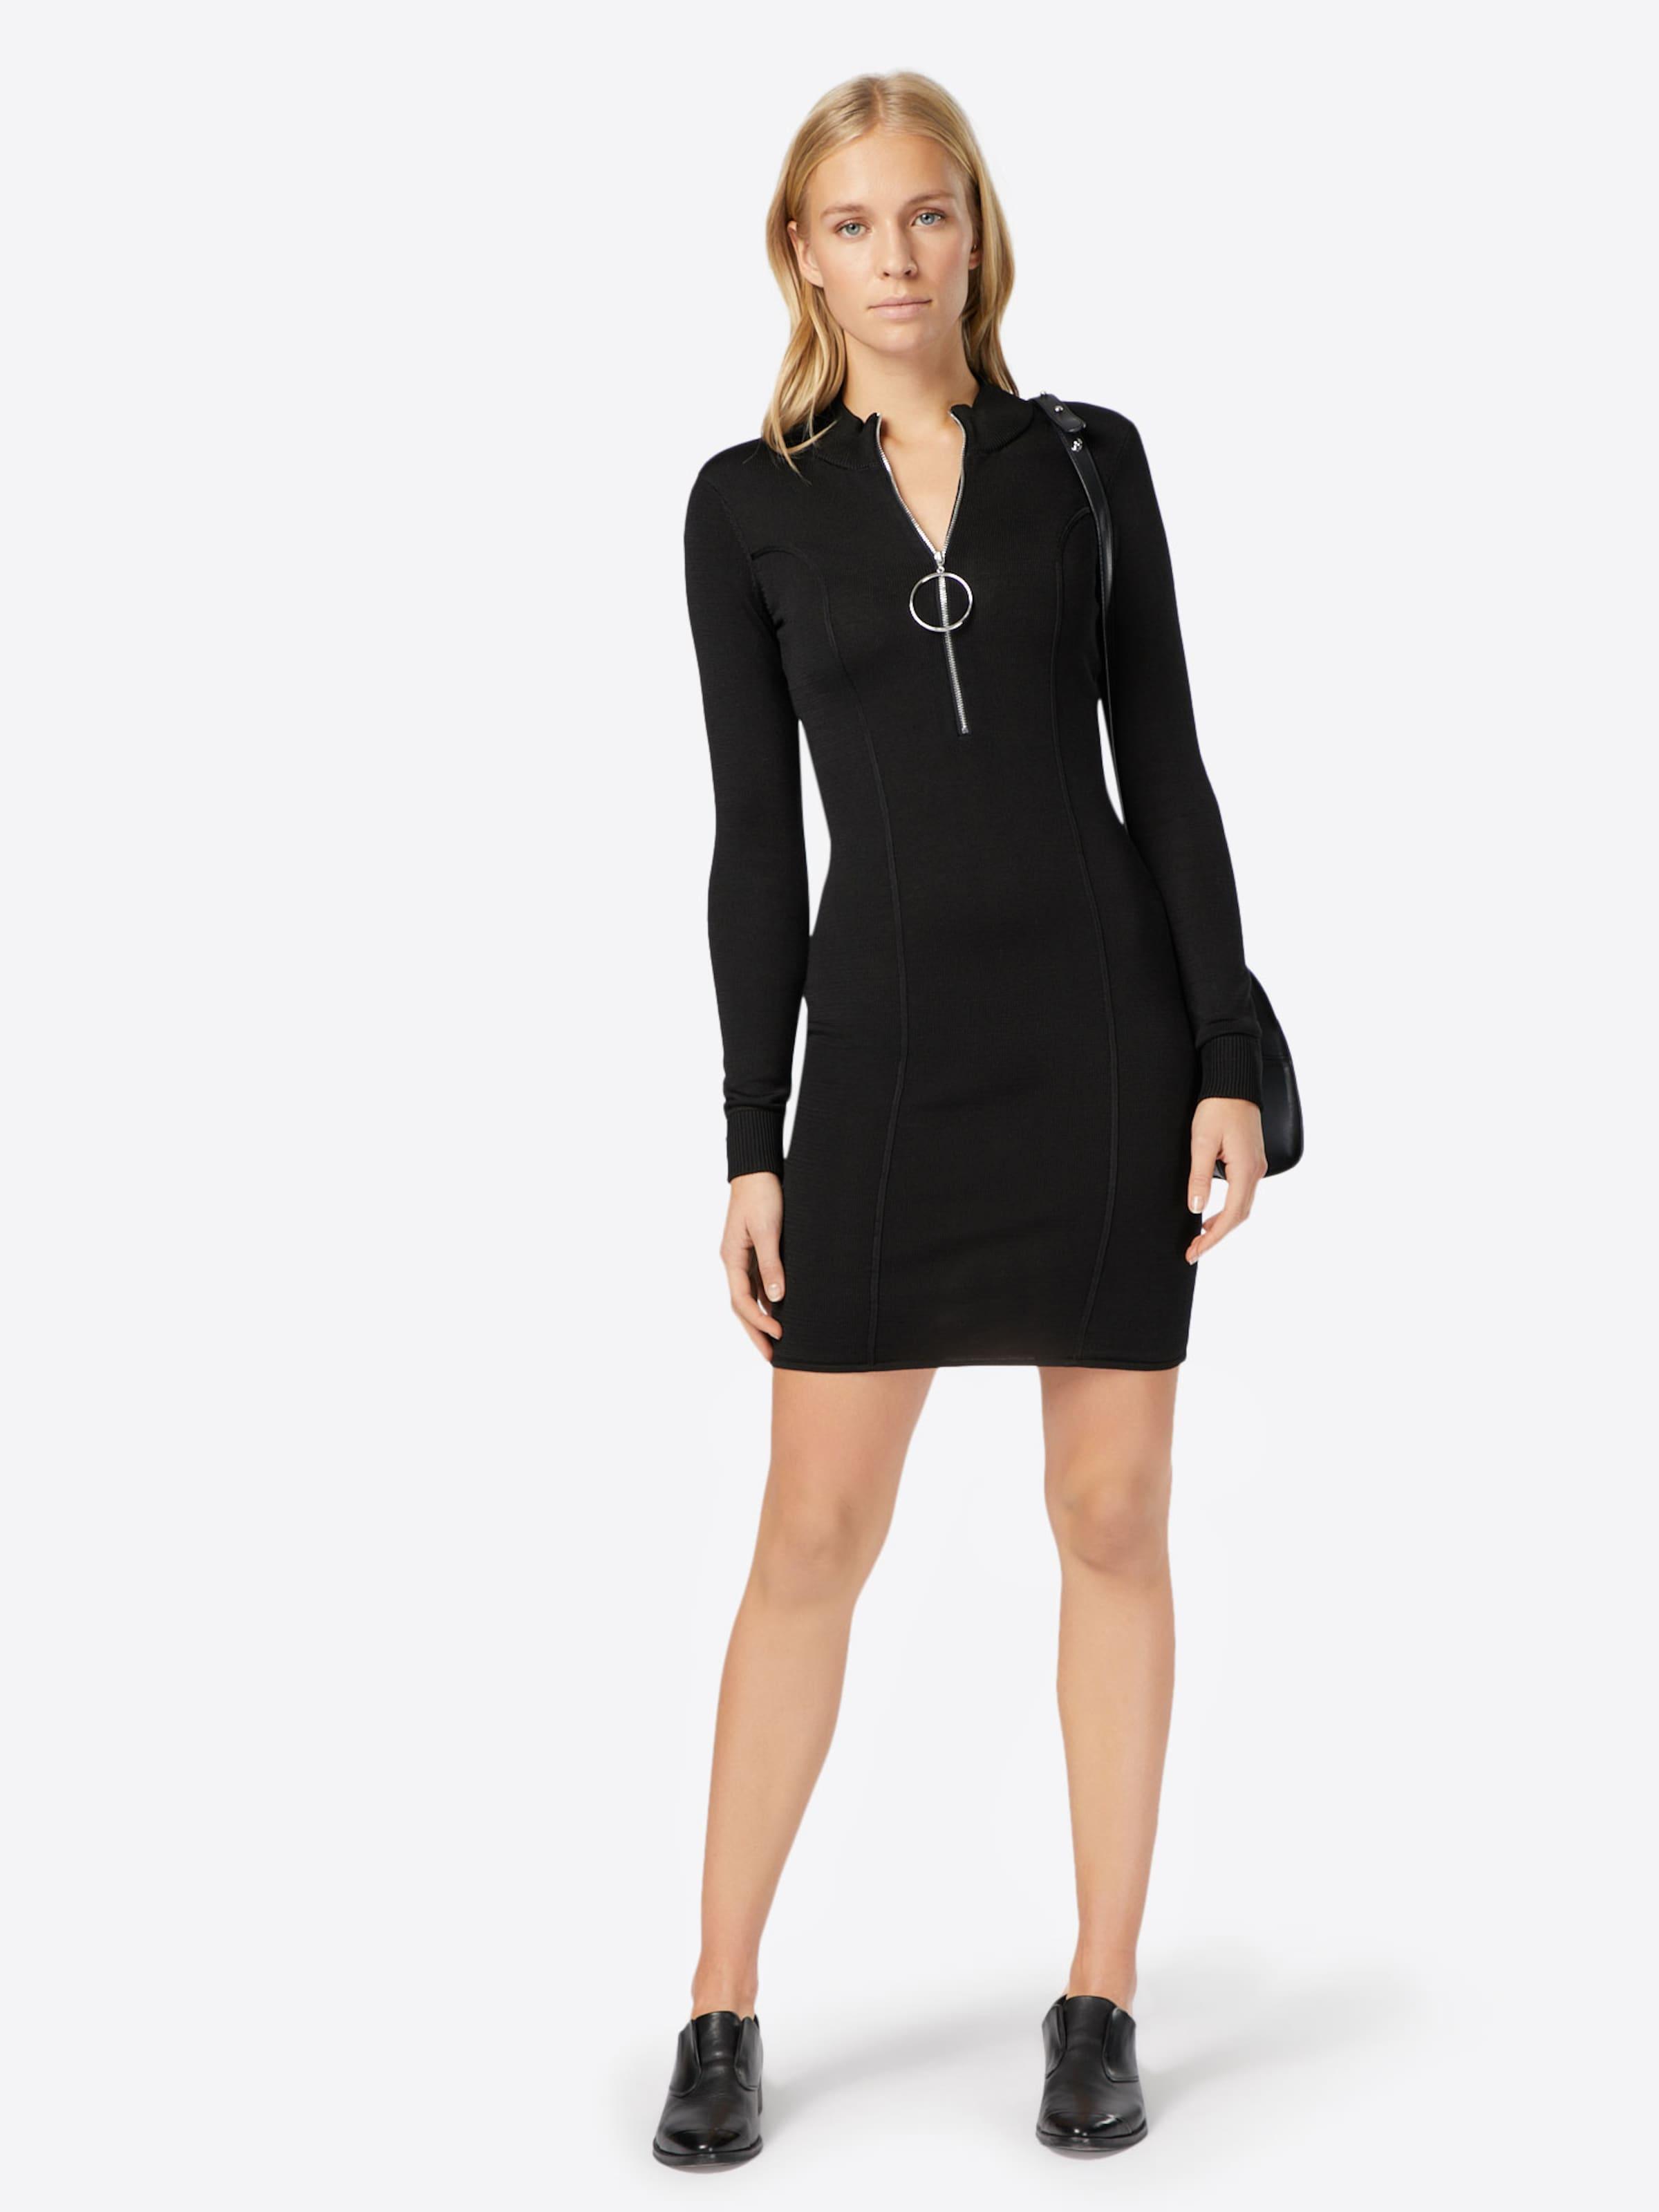 Großhandelspreis Günstig Online Zum Verkauf Offizieller Seite GUESS Minikleid in Feinstrick Aus Deutschland Spielraum Spielraum XUr5n